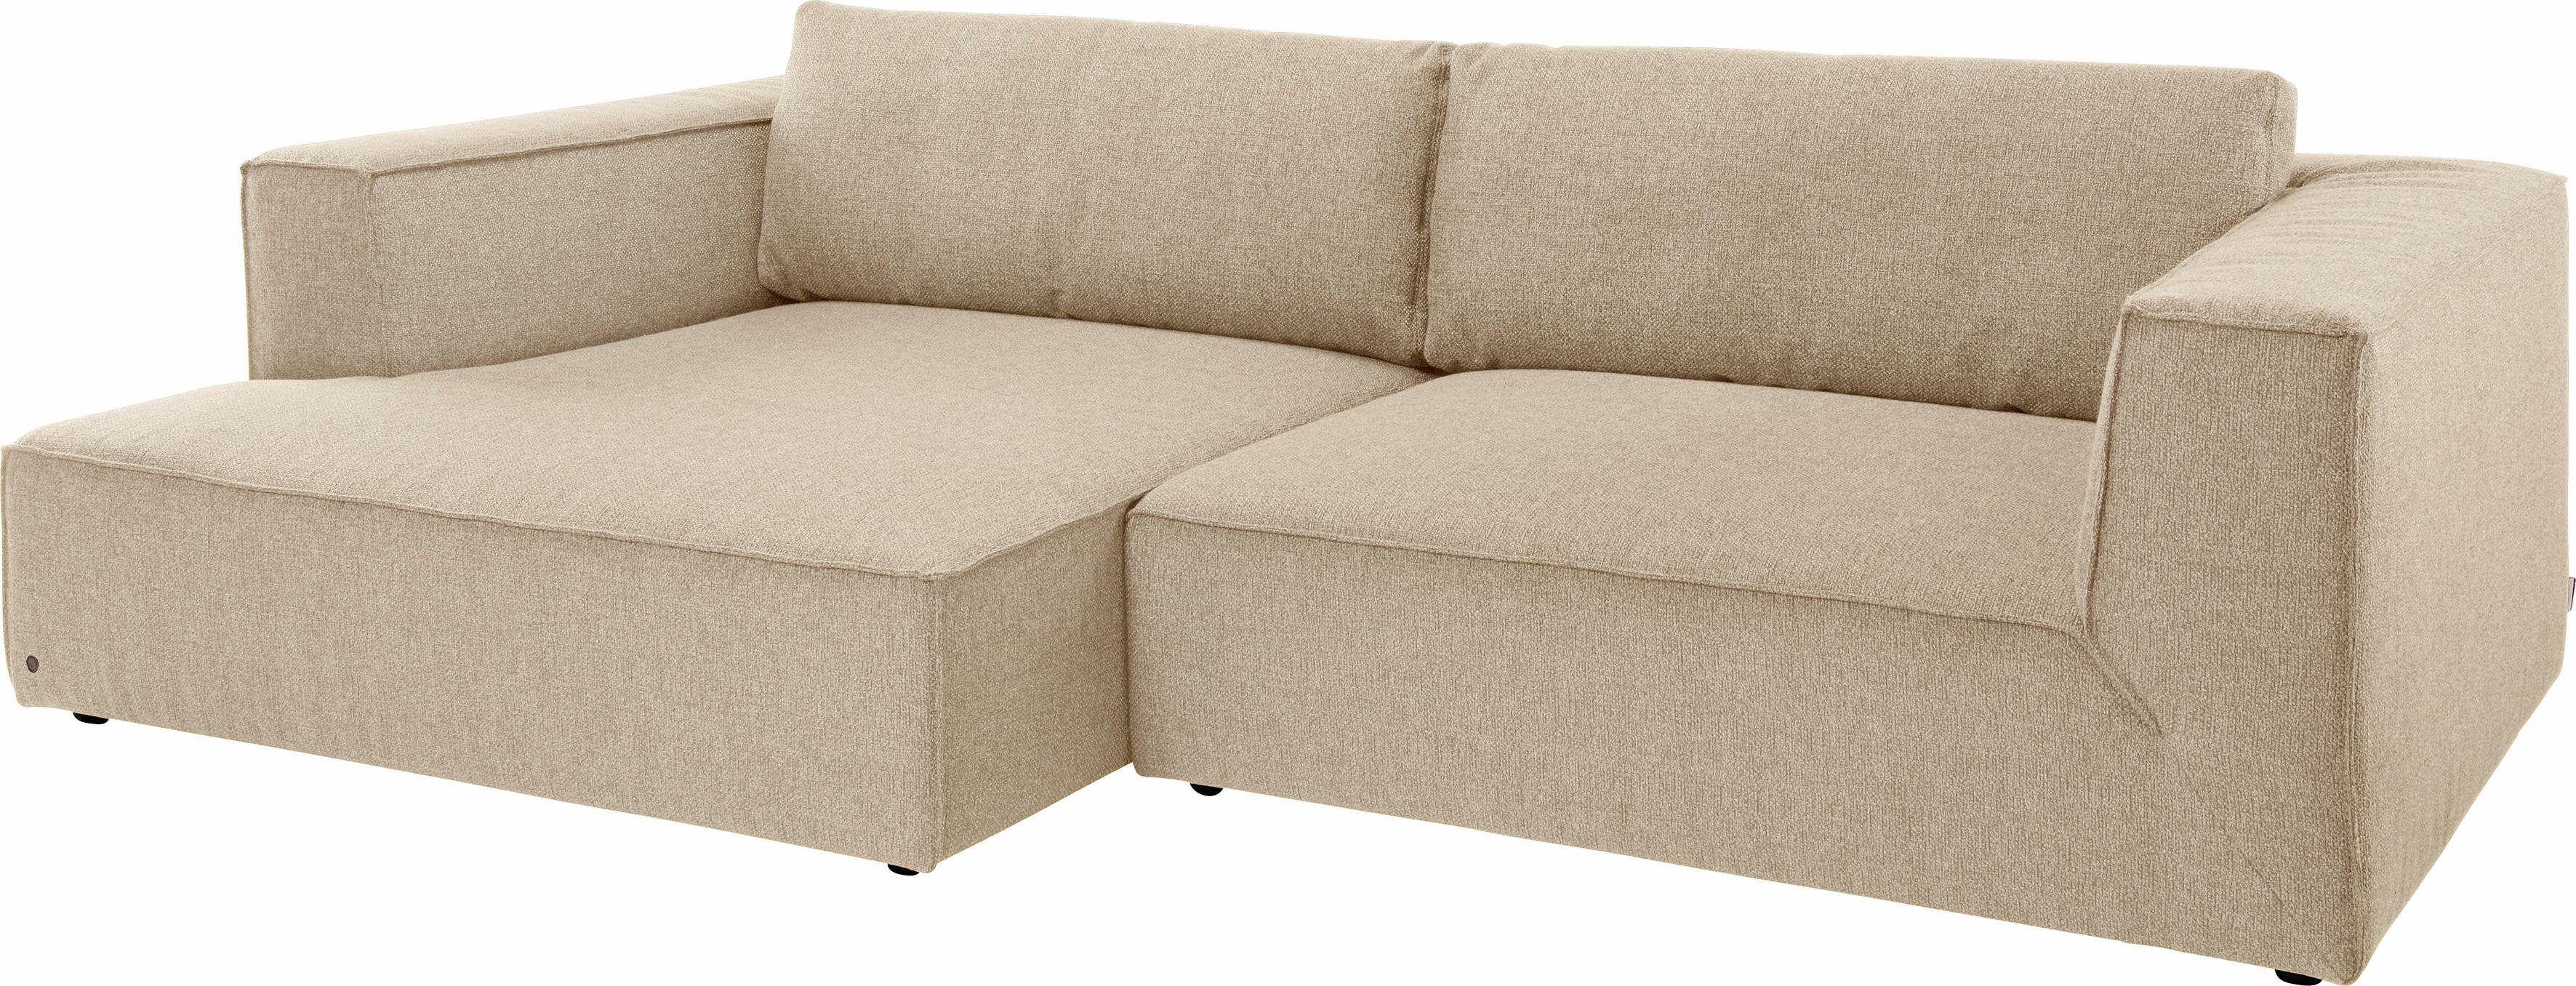 Schön 2 Sitzer sofa Mit Recamiere Design